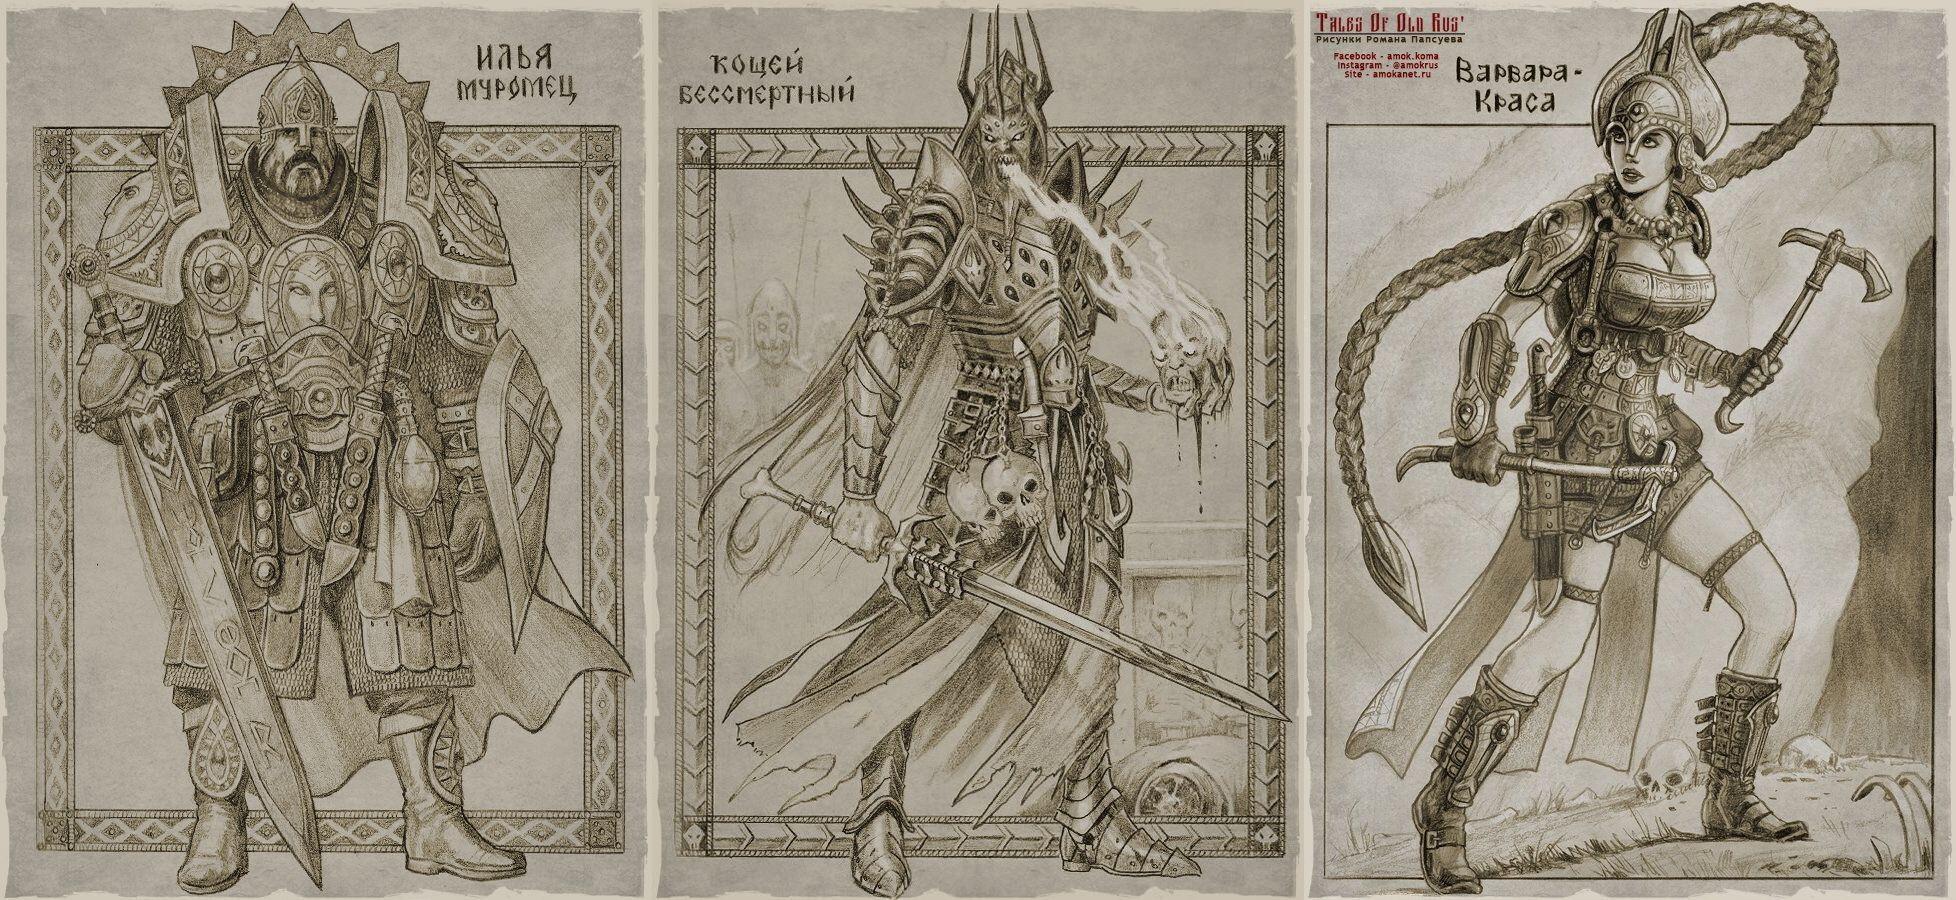 Художник перенес персонажей русских былин в мир темного фэнтези